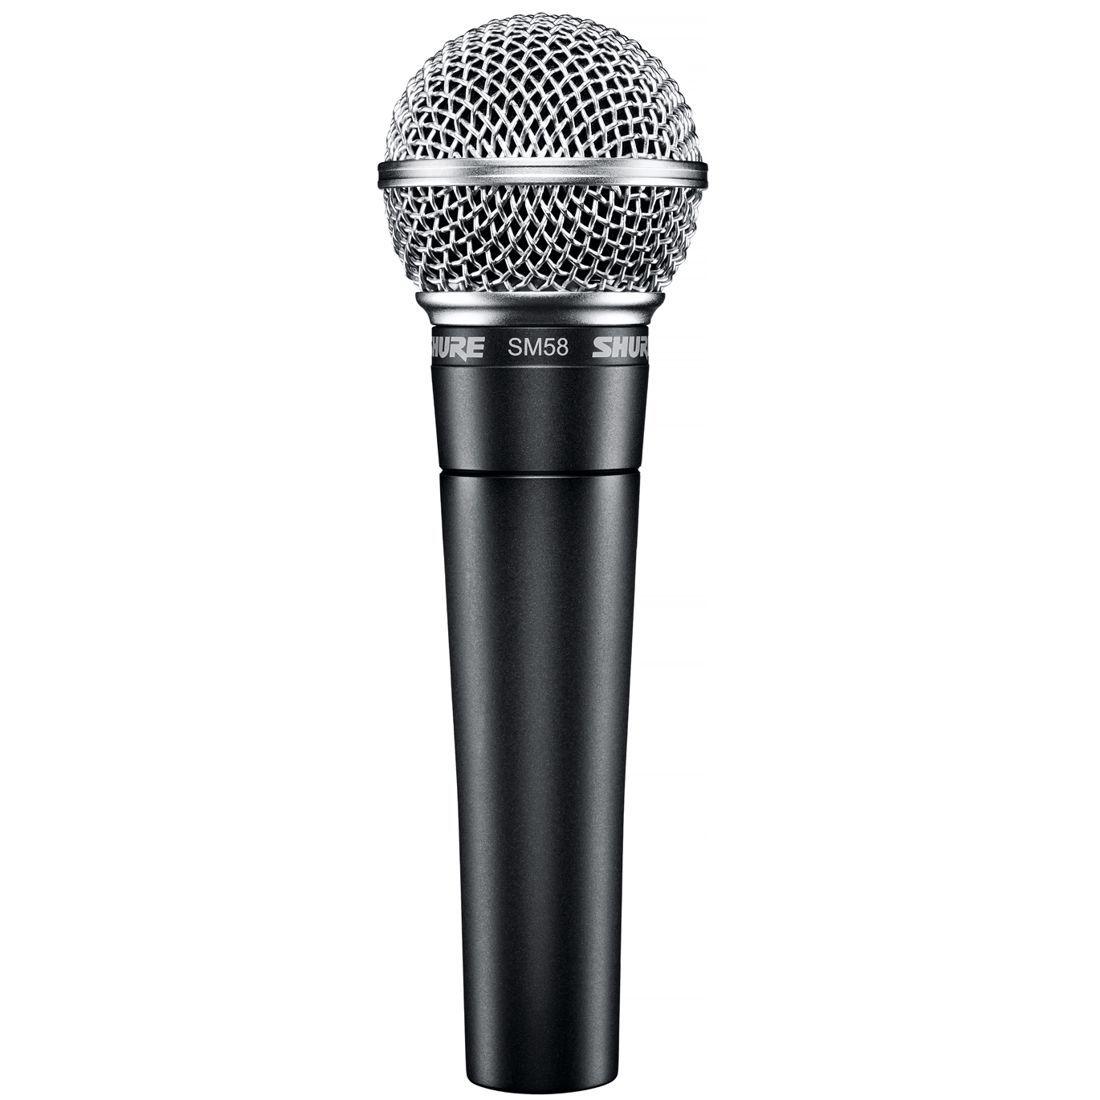 Microfone Shure Dinâmico Cardioide para VOZ Principal e Backing com BAG - SM58-LC